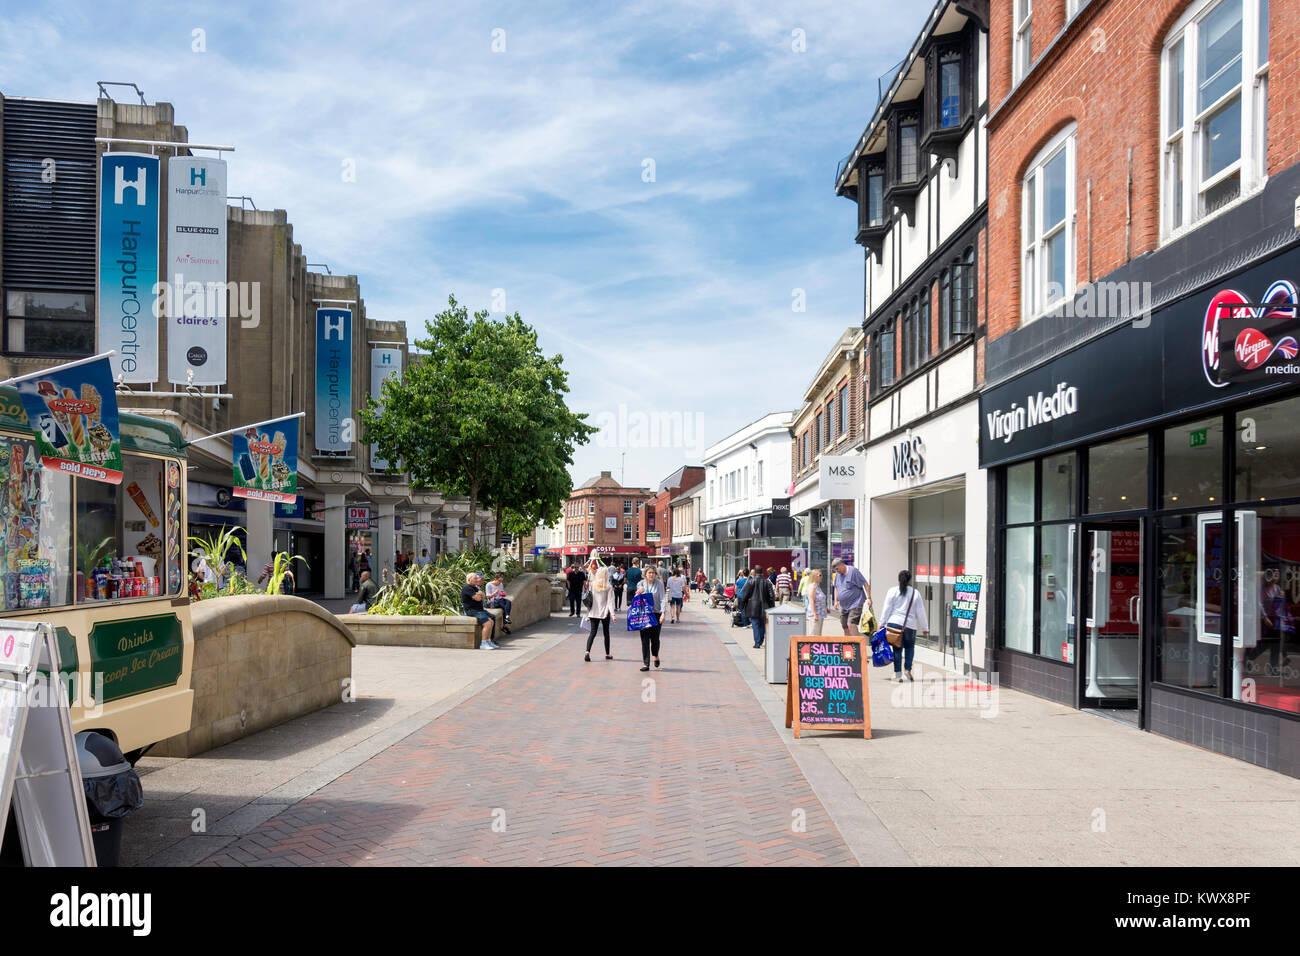 Fußgängerzone Midland Road, Bedford, Bedfordshire, England, Vereinigtes Königreich Stockbild